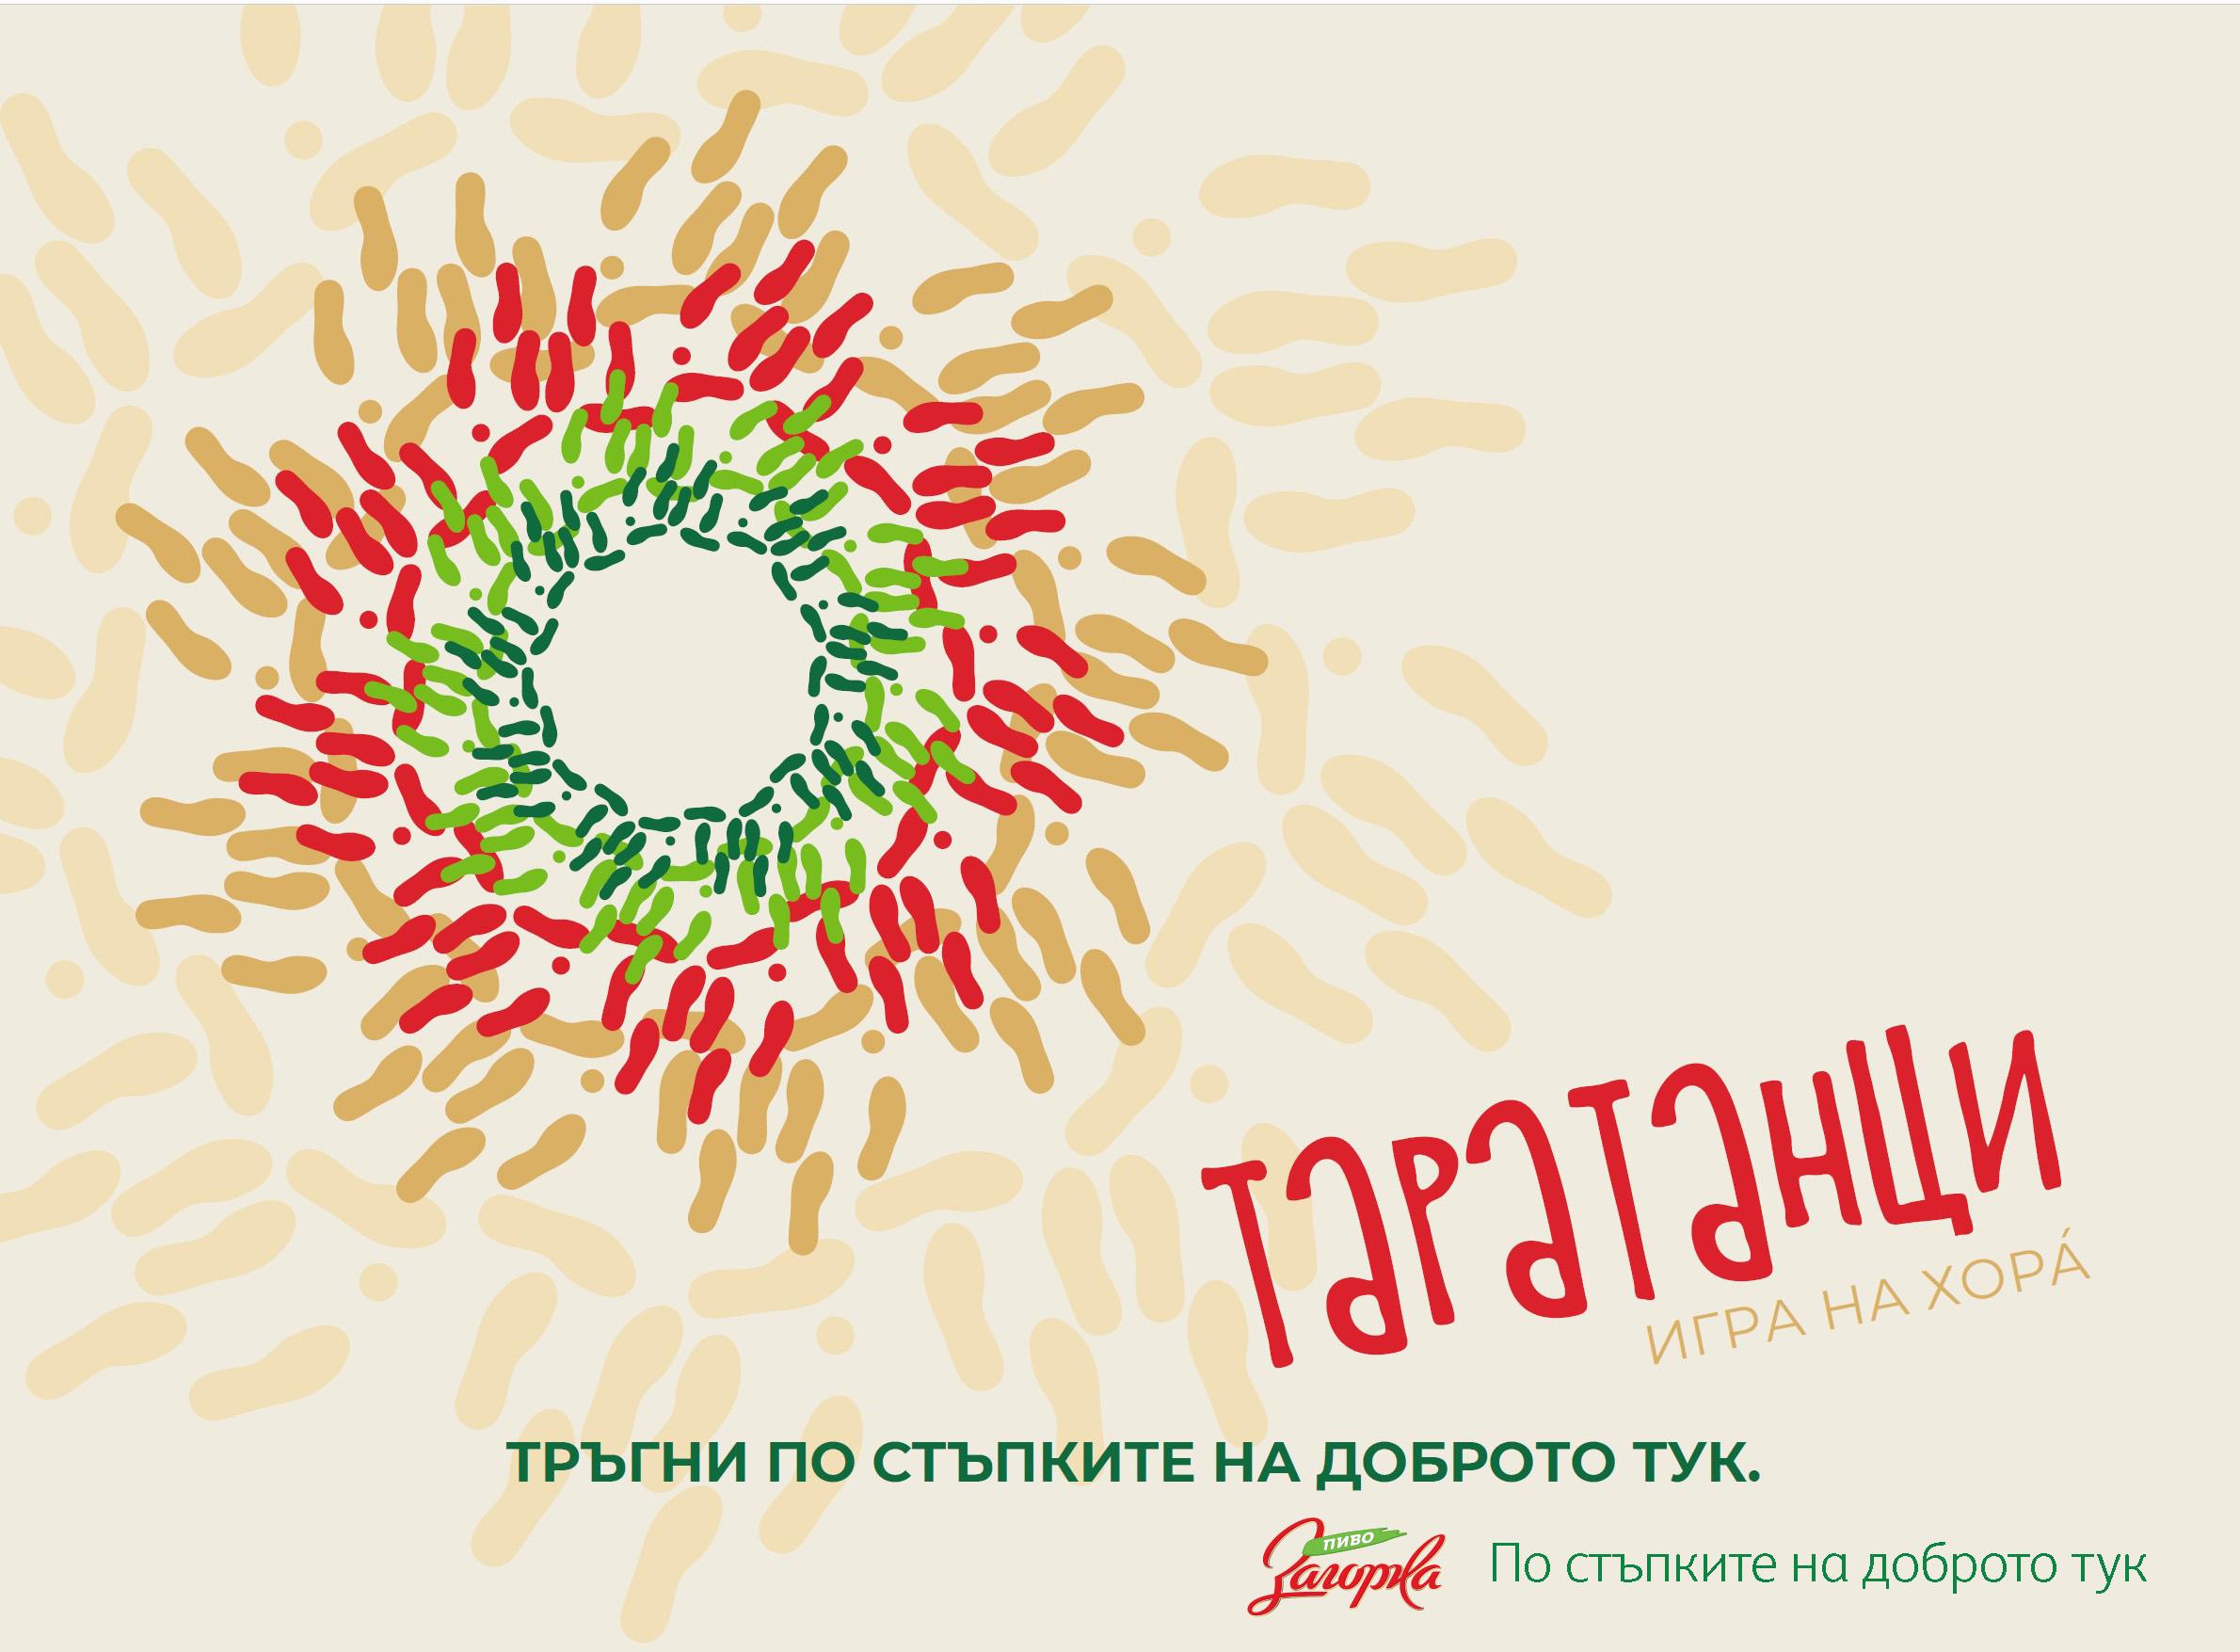 Загорка стартира кампания за съживяване на българските традиции 26